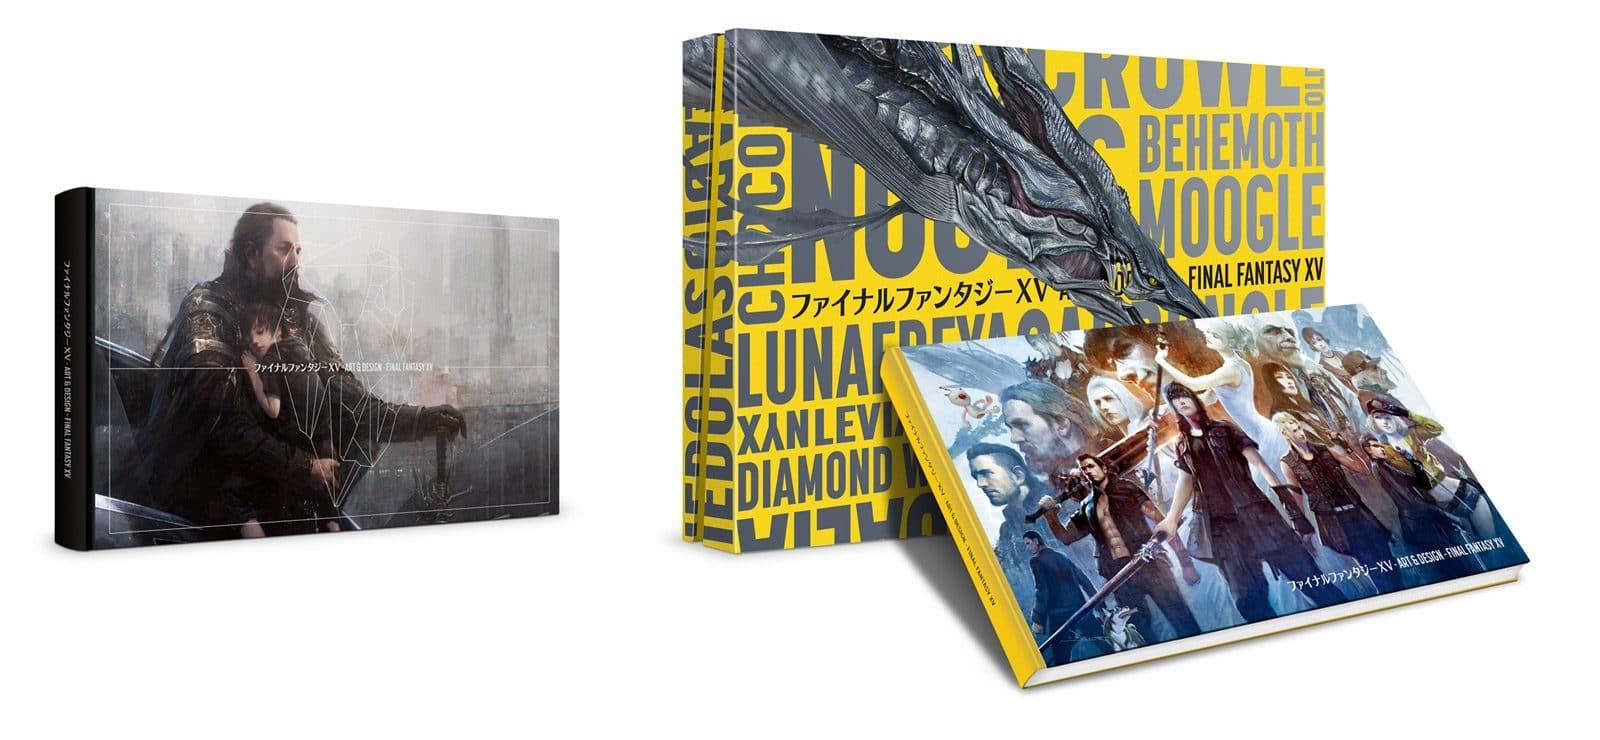 Zwei Editionen sind erhältlich. (Foto: Cook & Becker)